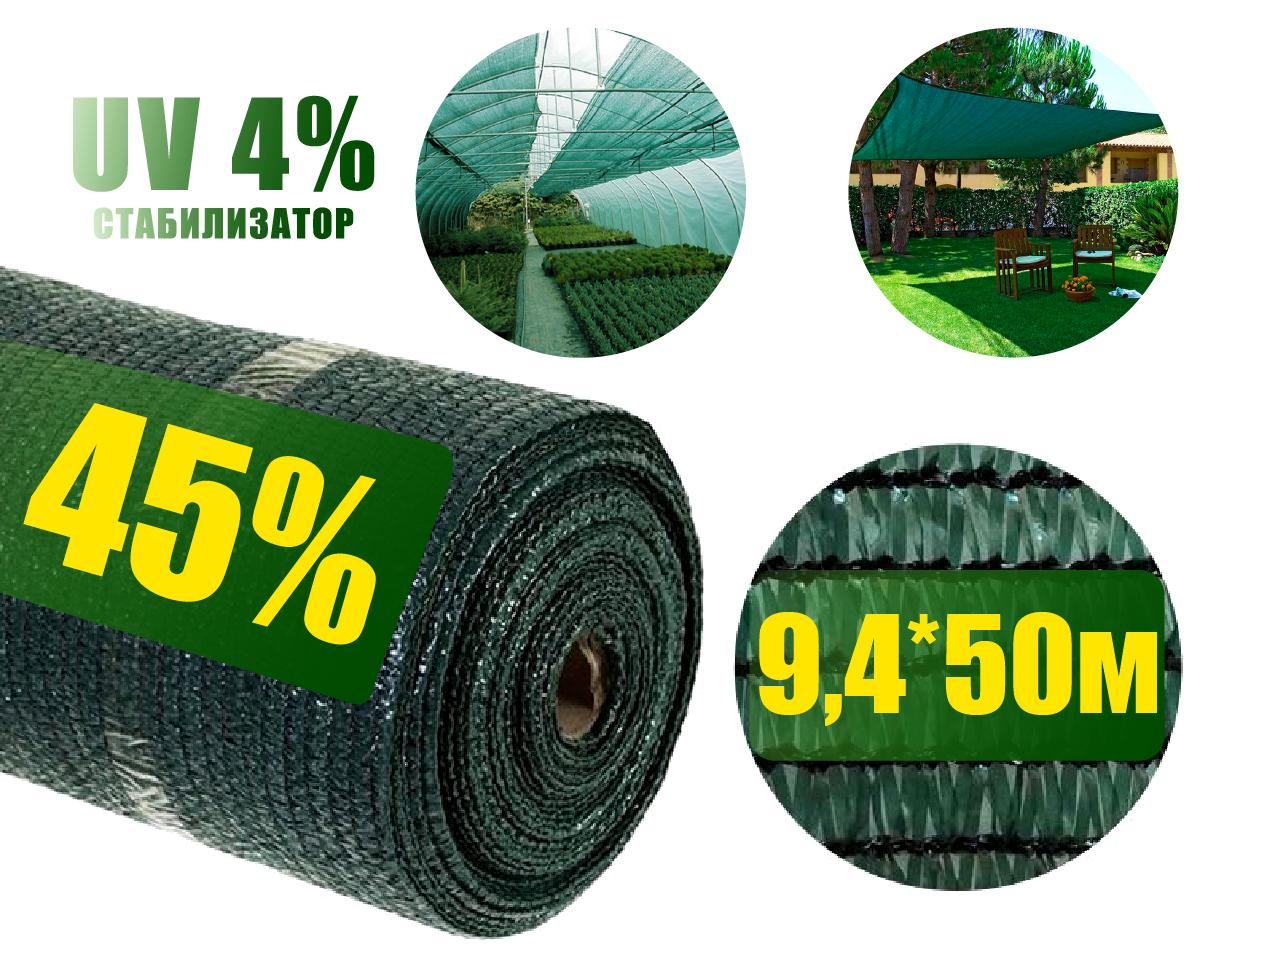 Сетка затеняющая 45% 9,4*50 зеленая